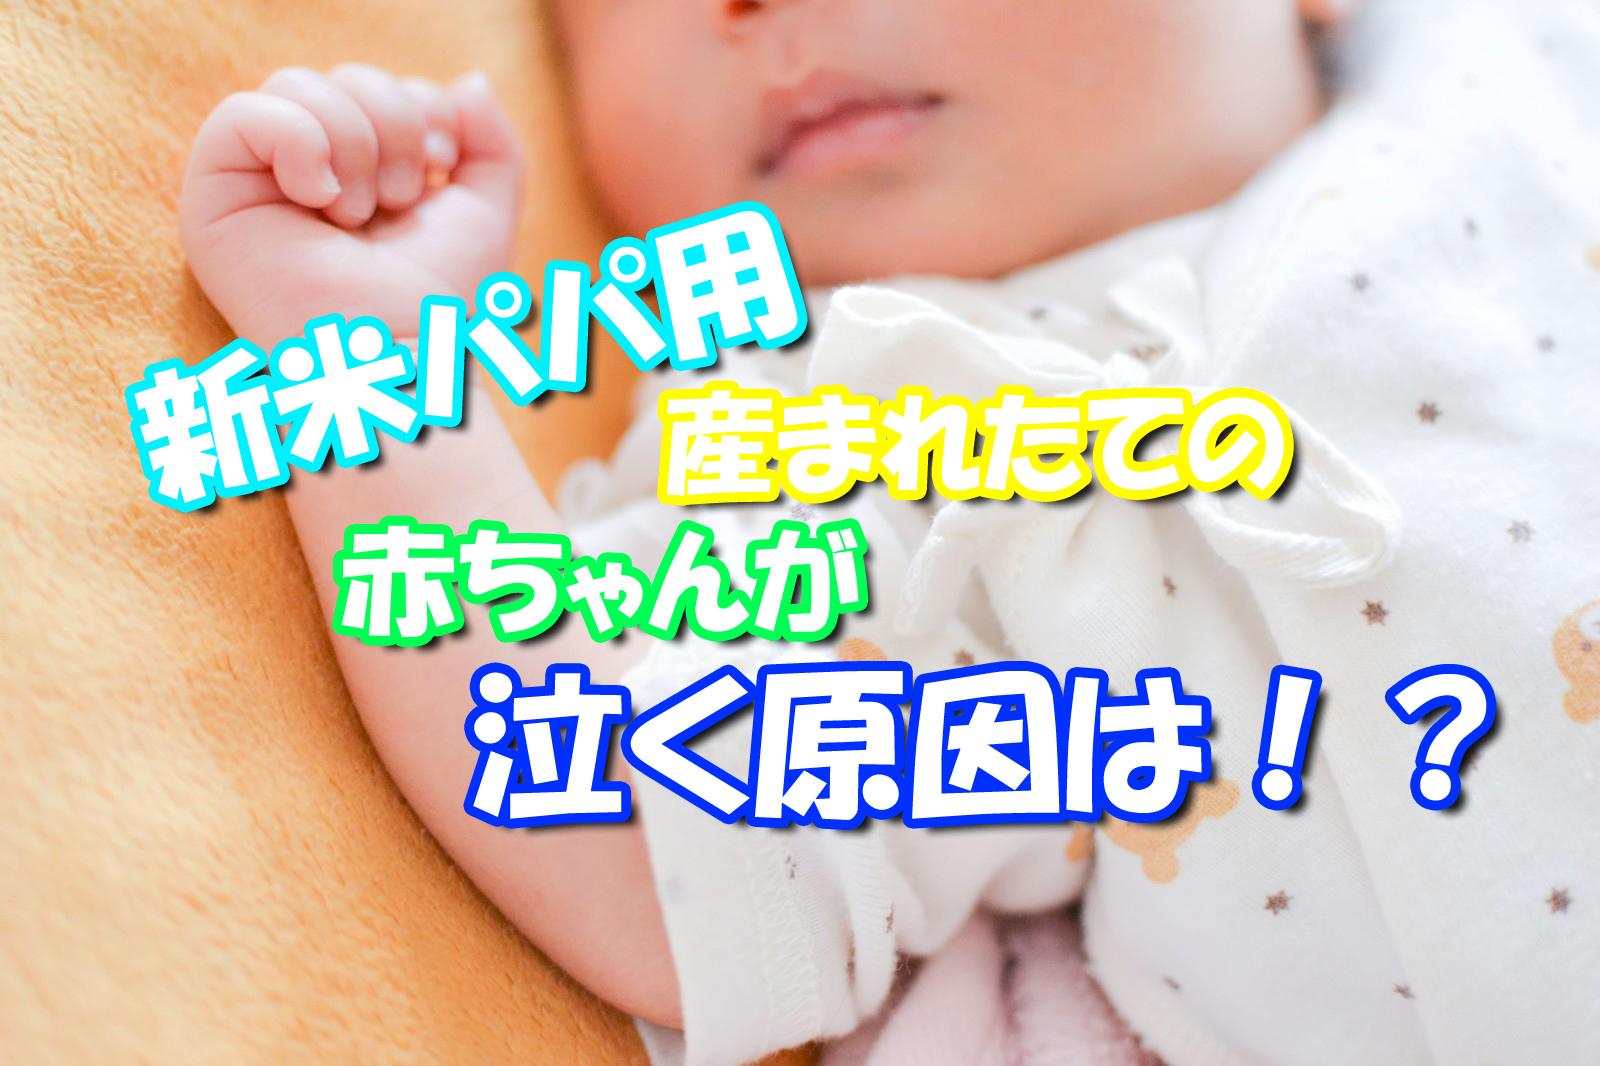 赤ちゃんが泣く原因は!?